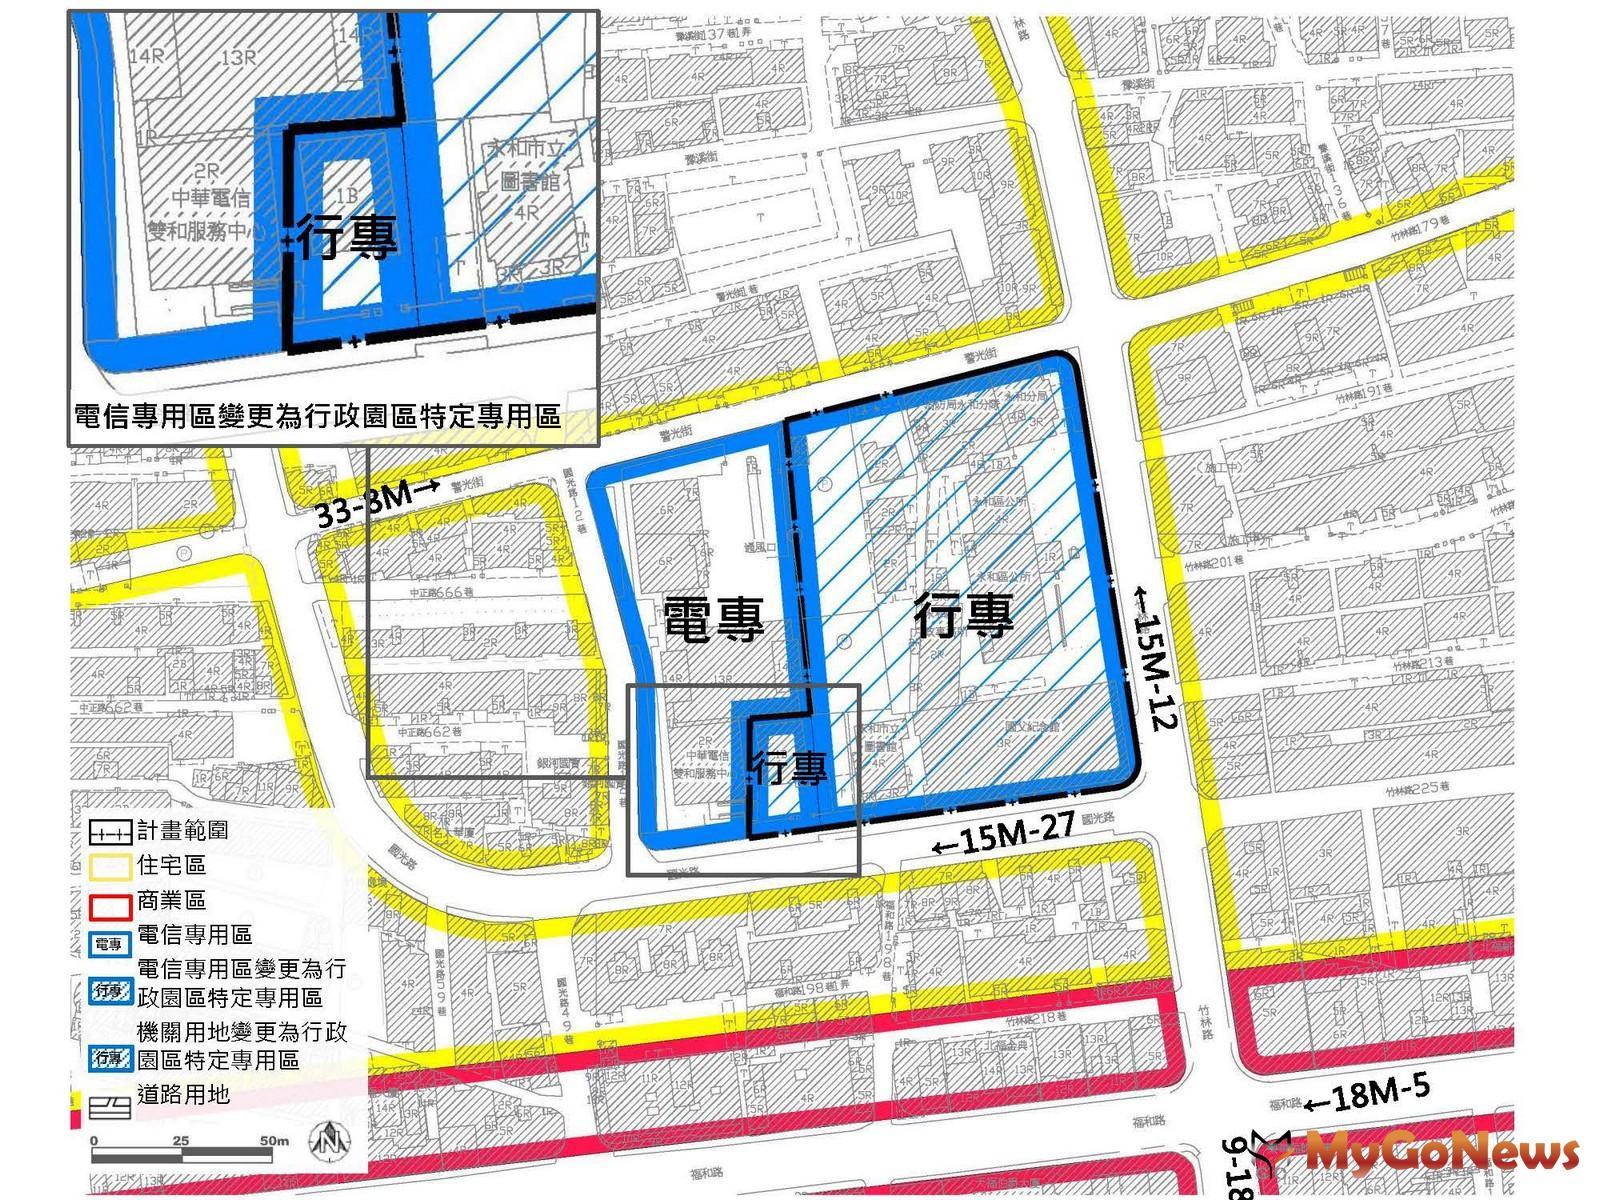 推動永和行政園區都市計畫變更 帶動地區整體發展(圖/新北市政府) MyGoNews房地產新聞 區域情報